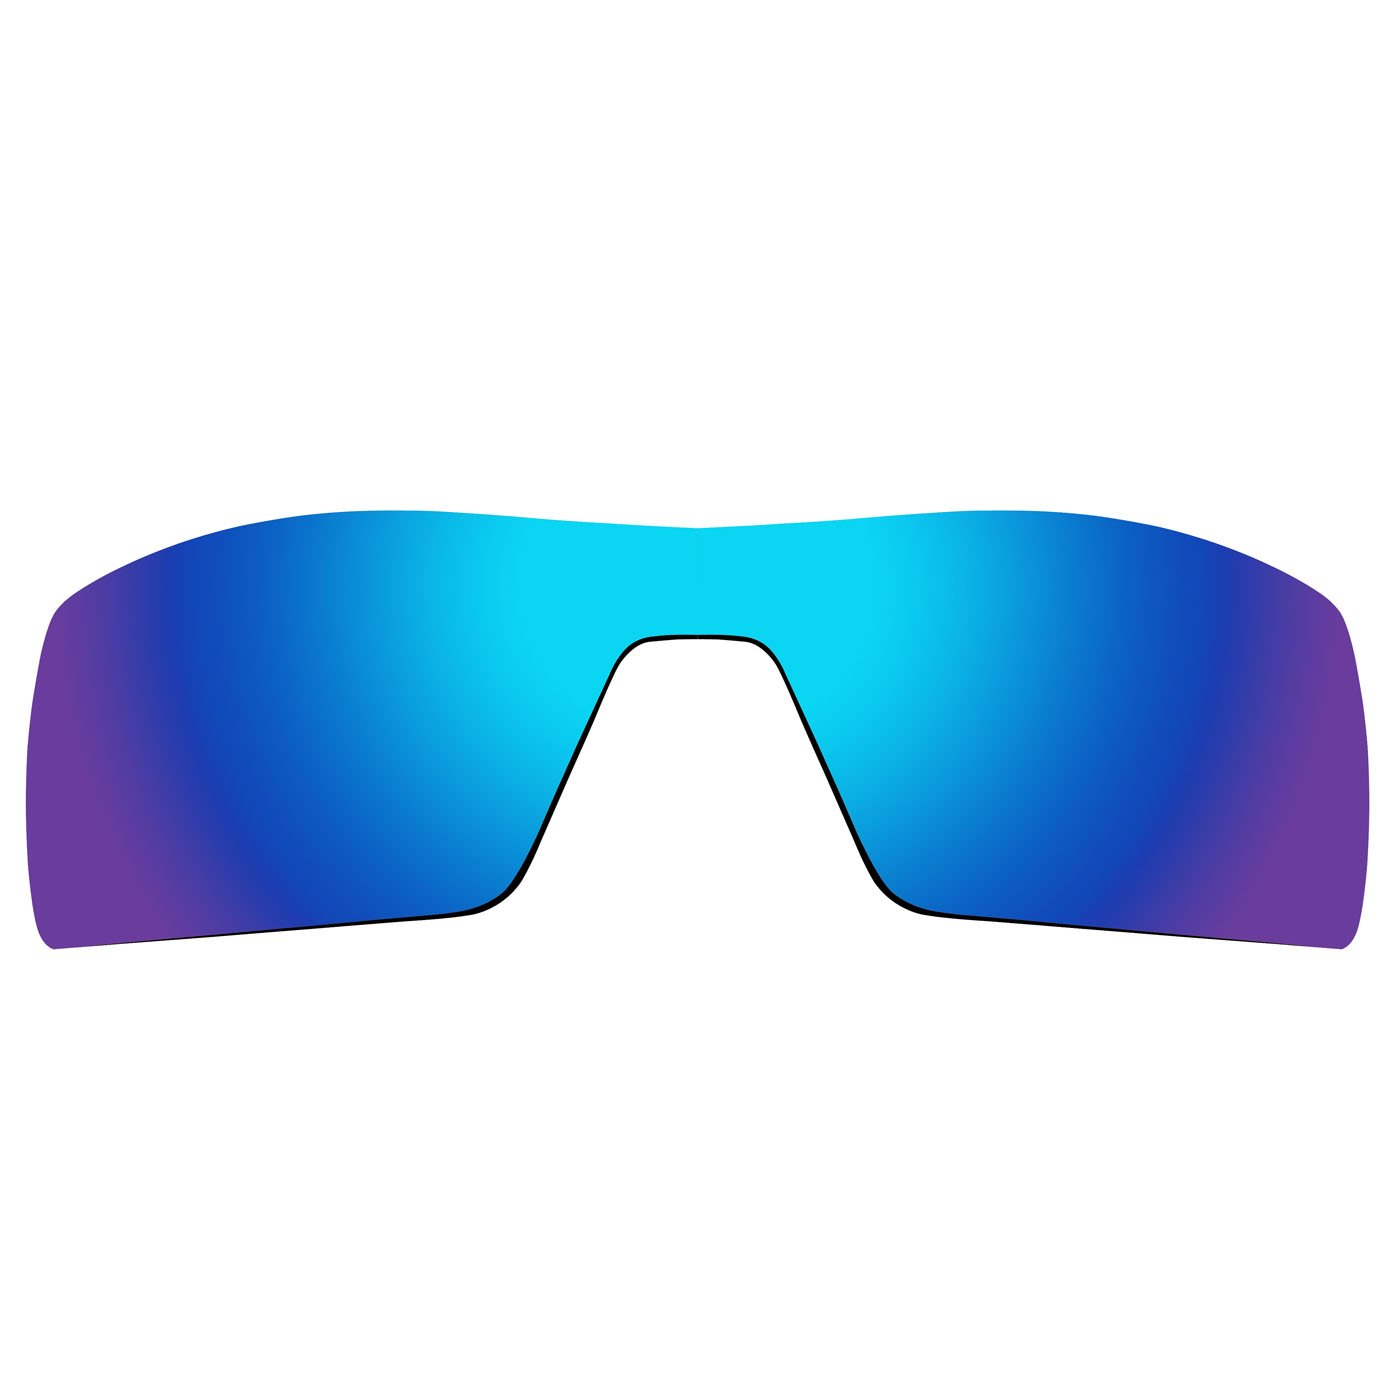 Acompatible de remplacement de lentilles pour lunettes de soleil Oakley Oil Rig Gen 1, Blue Purple Mirror - Polarized